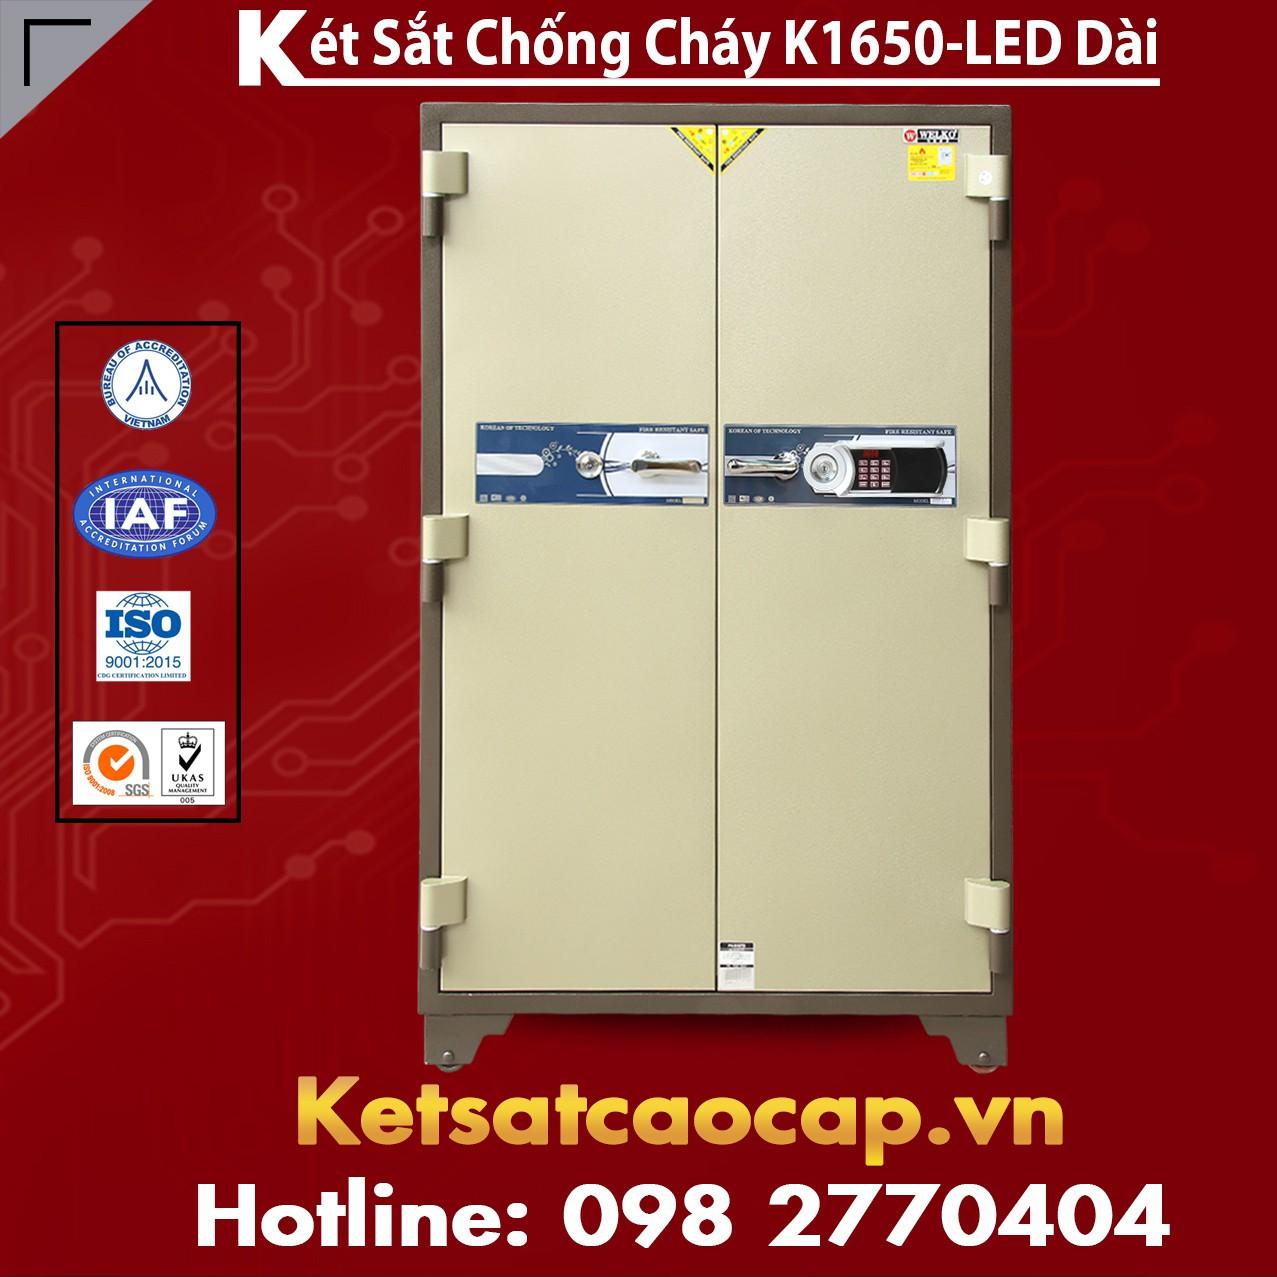 Két Sắt Chống Cháy Welko K1650 - LED Dài